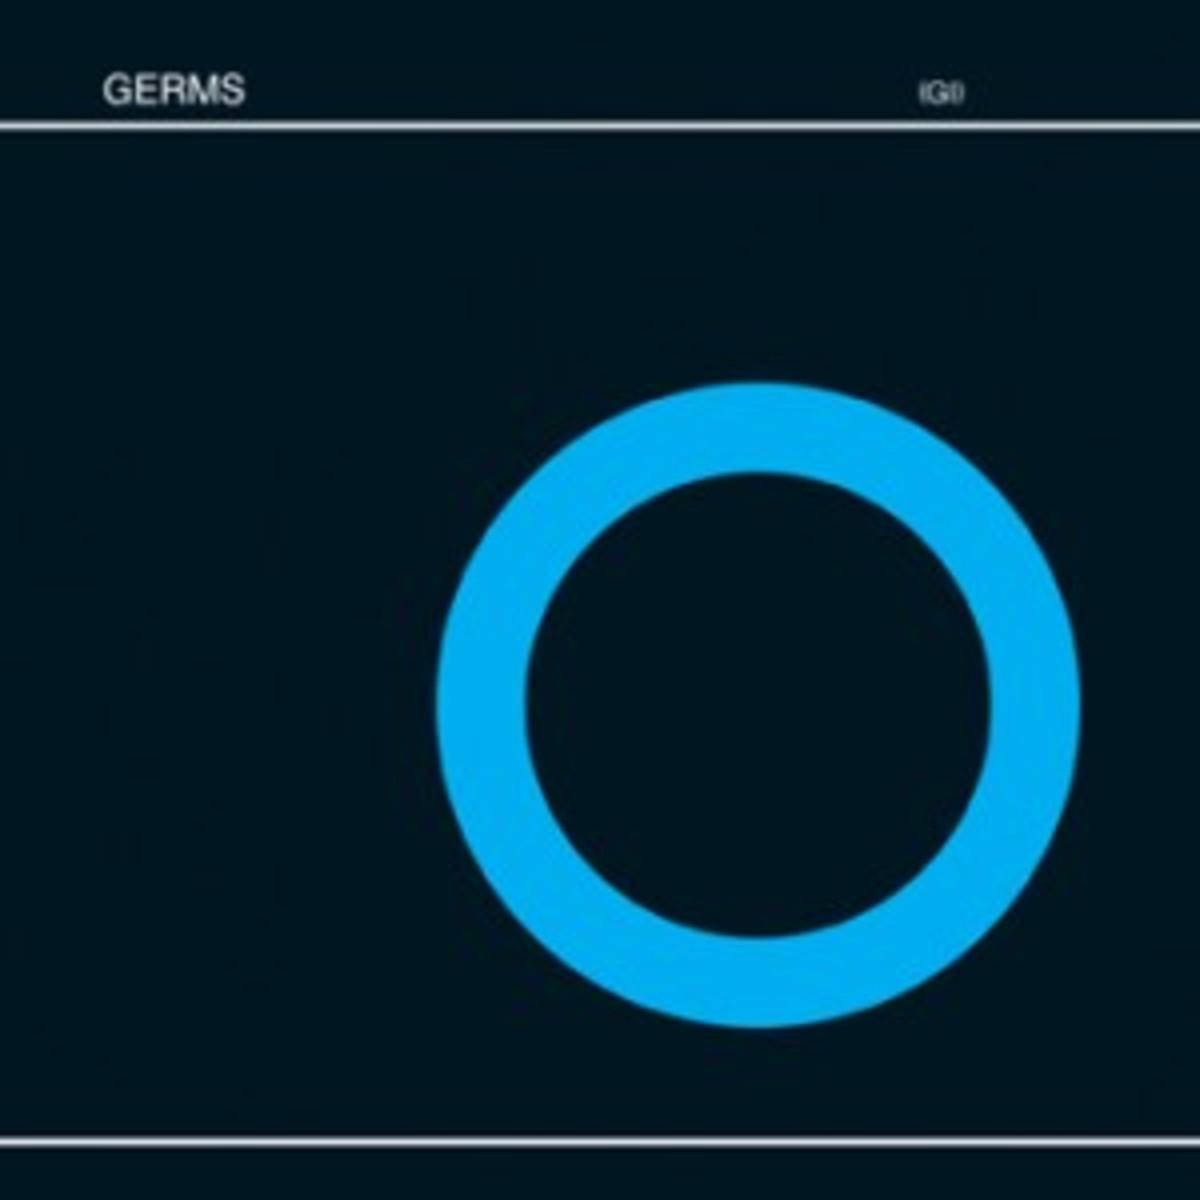 The Germs GI